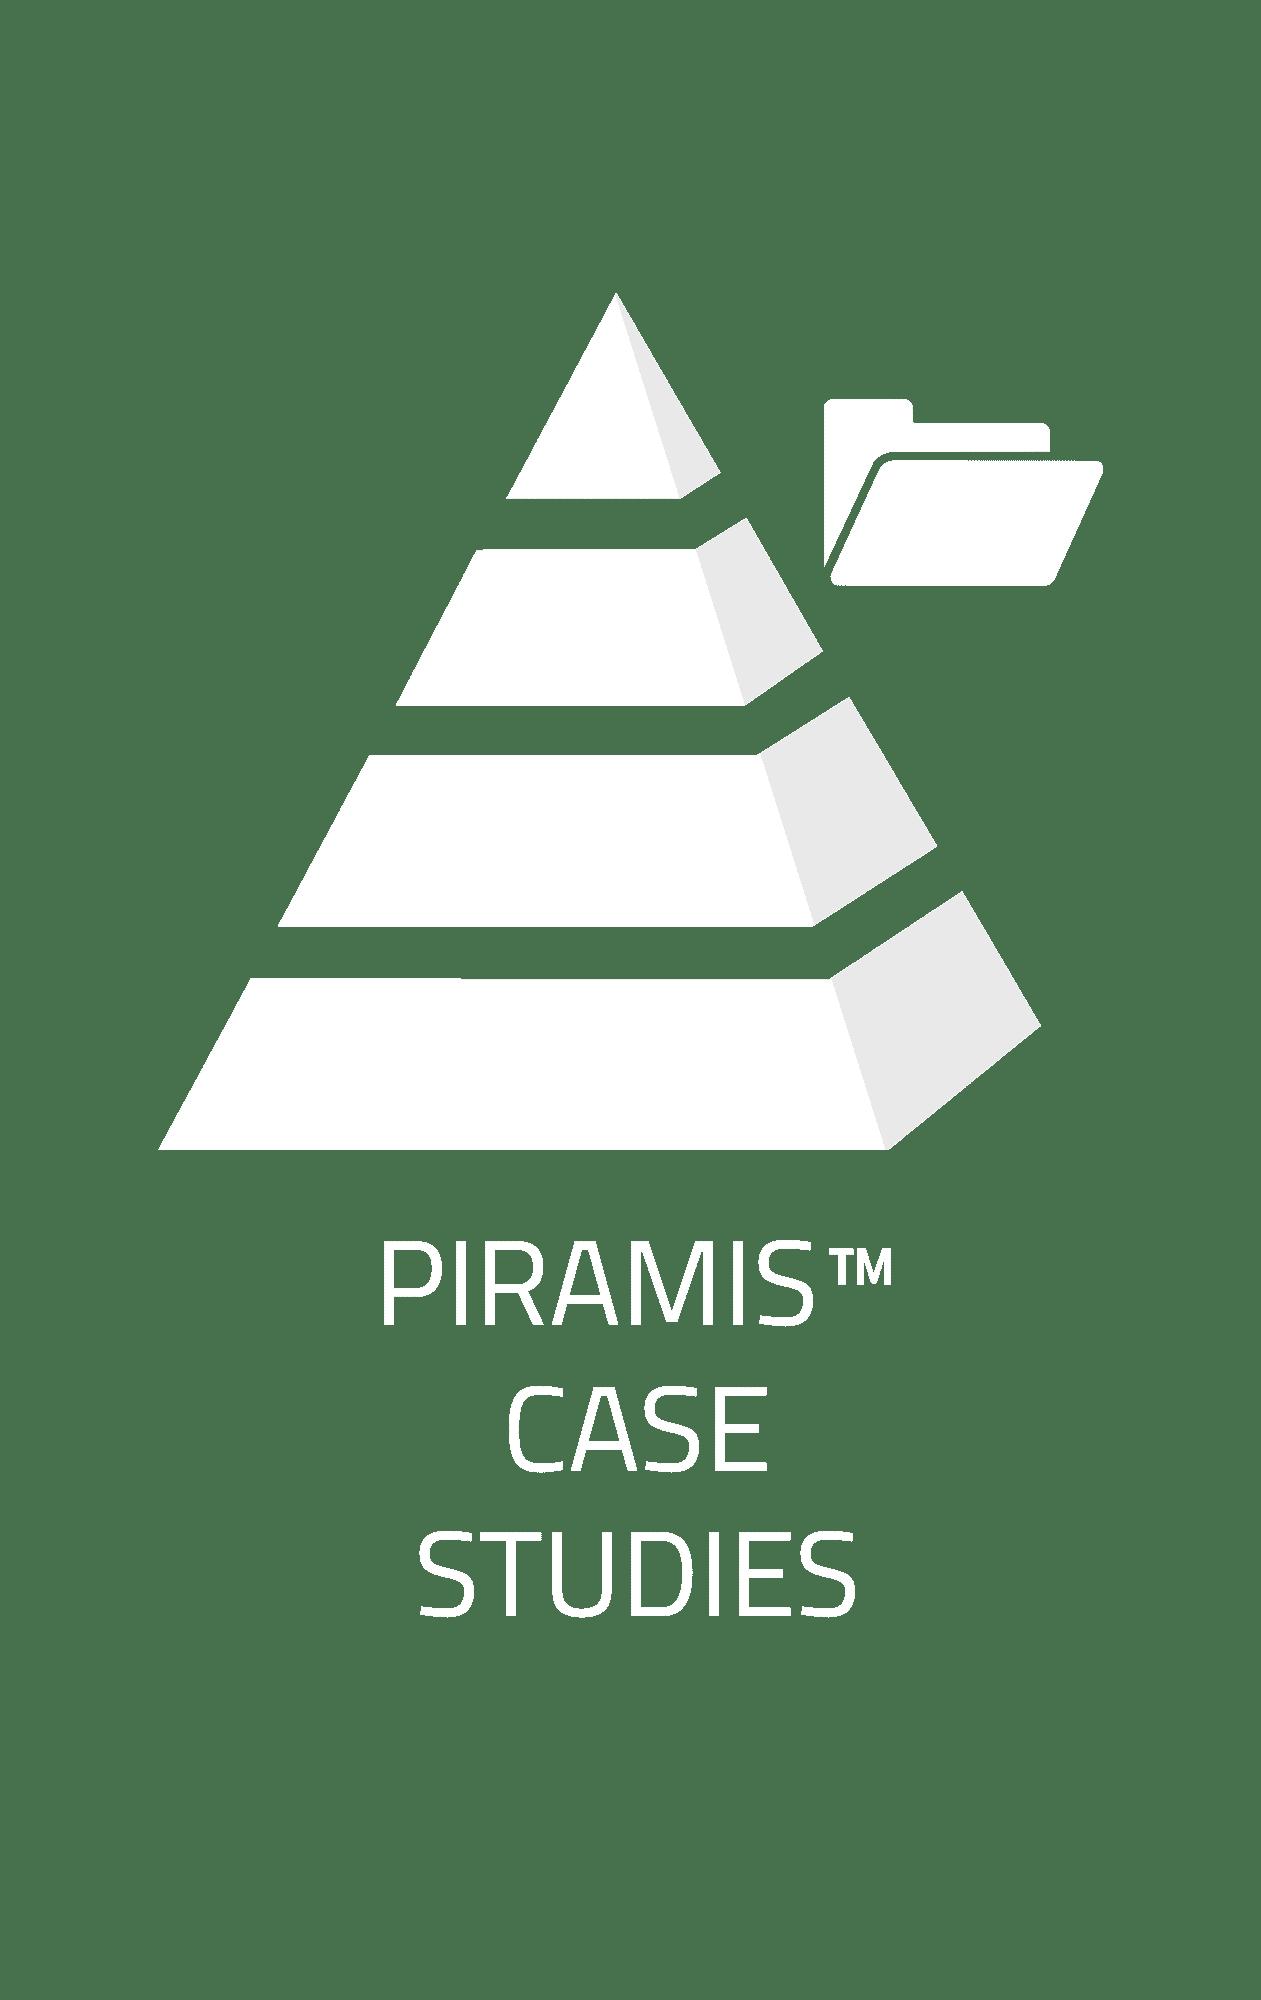 PIRAMIS™ Case Studies